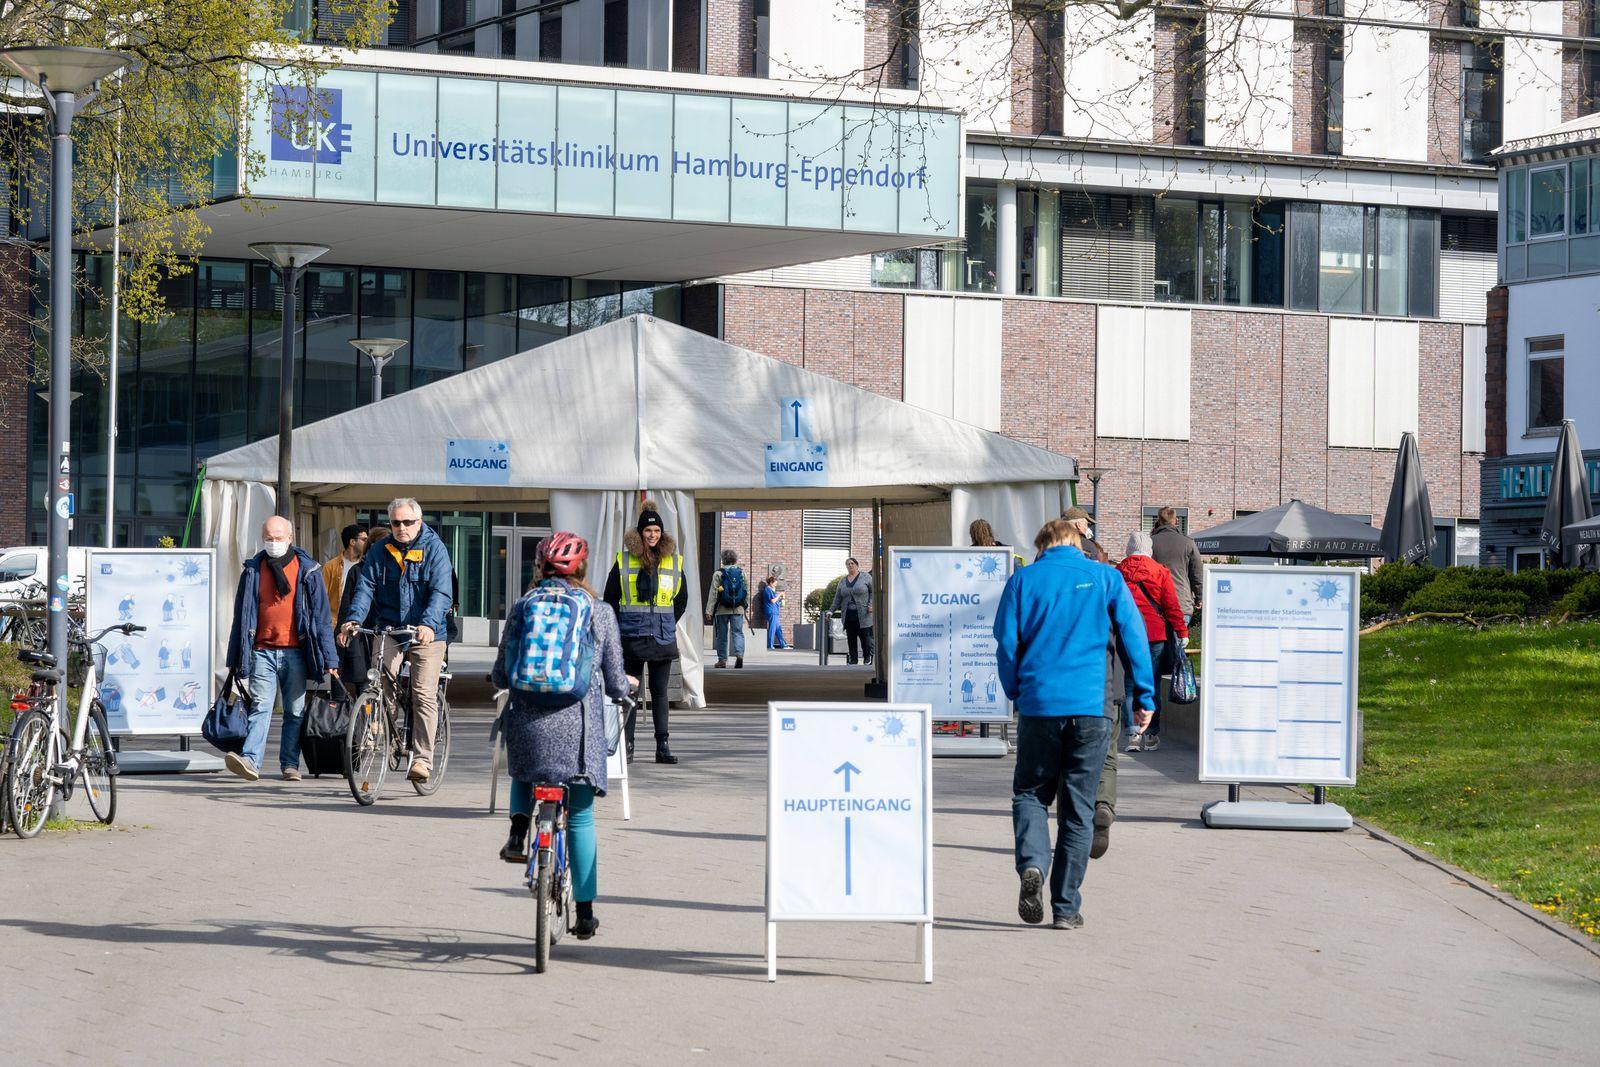 Eingang des UKE während der Corona-Krise mit Einlasskontrolle durch Sicherheitsdienst - Universitätsklinikum Hamburg-Ep